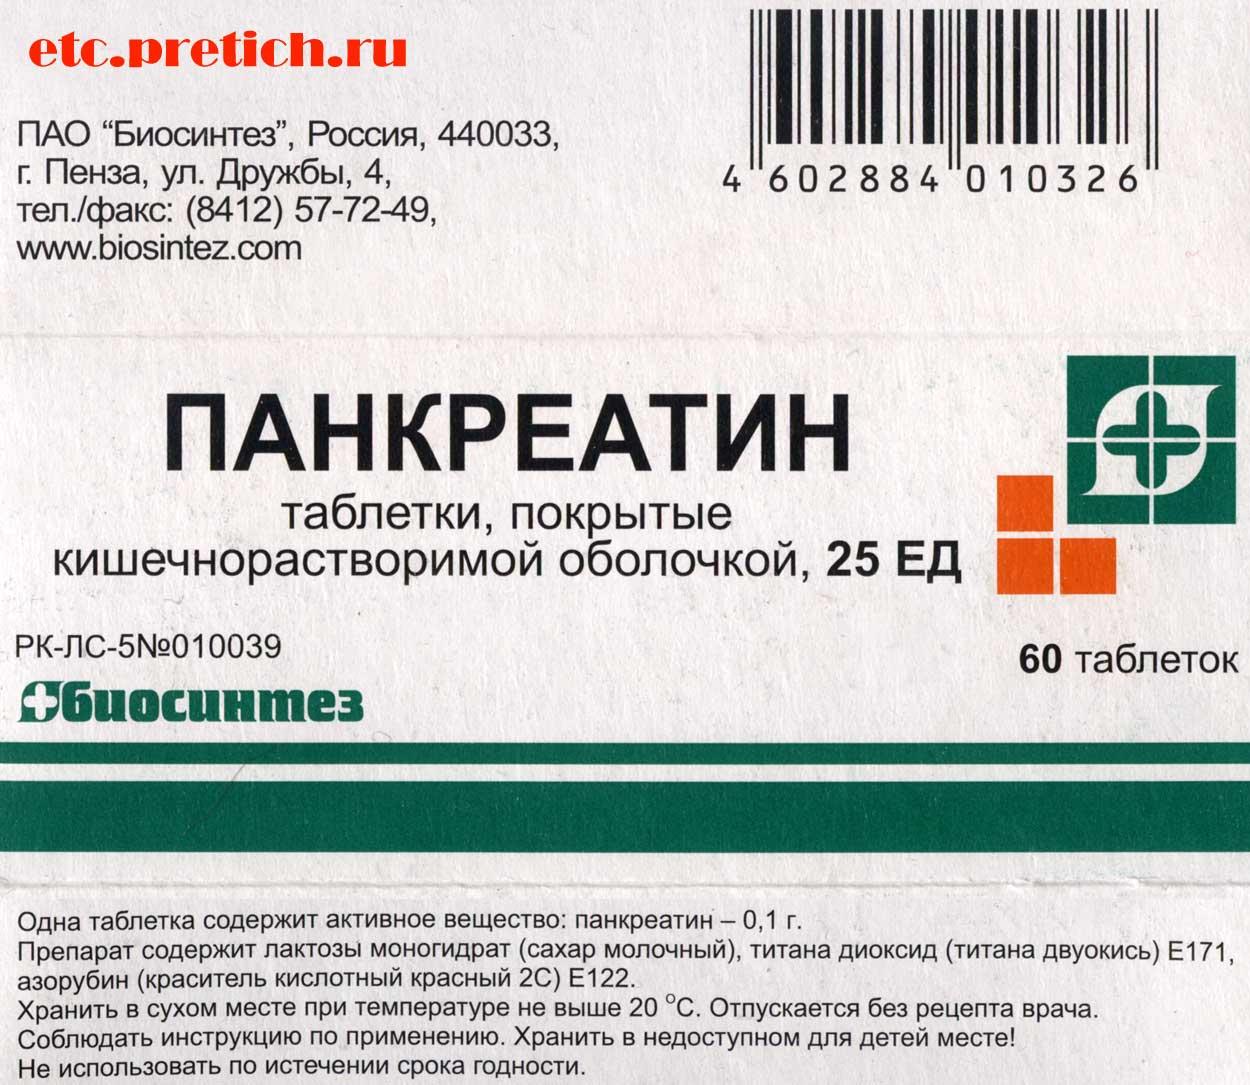 Панкреатин таблетки 25 ЕД отличные таблетки для пищеварения!